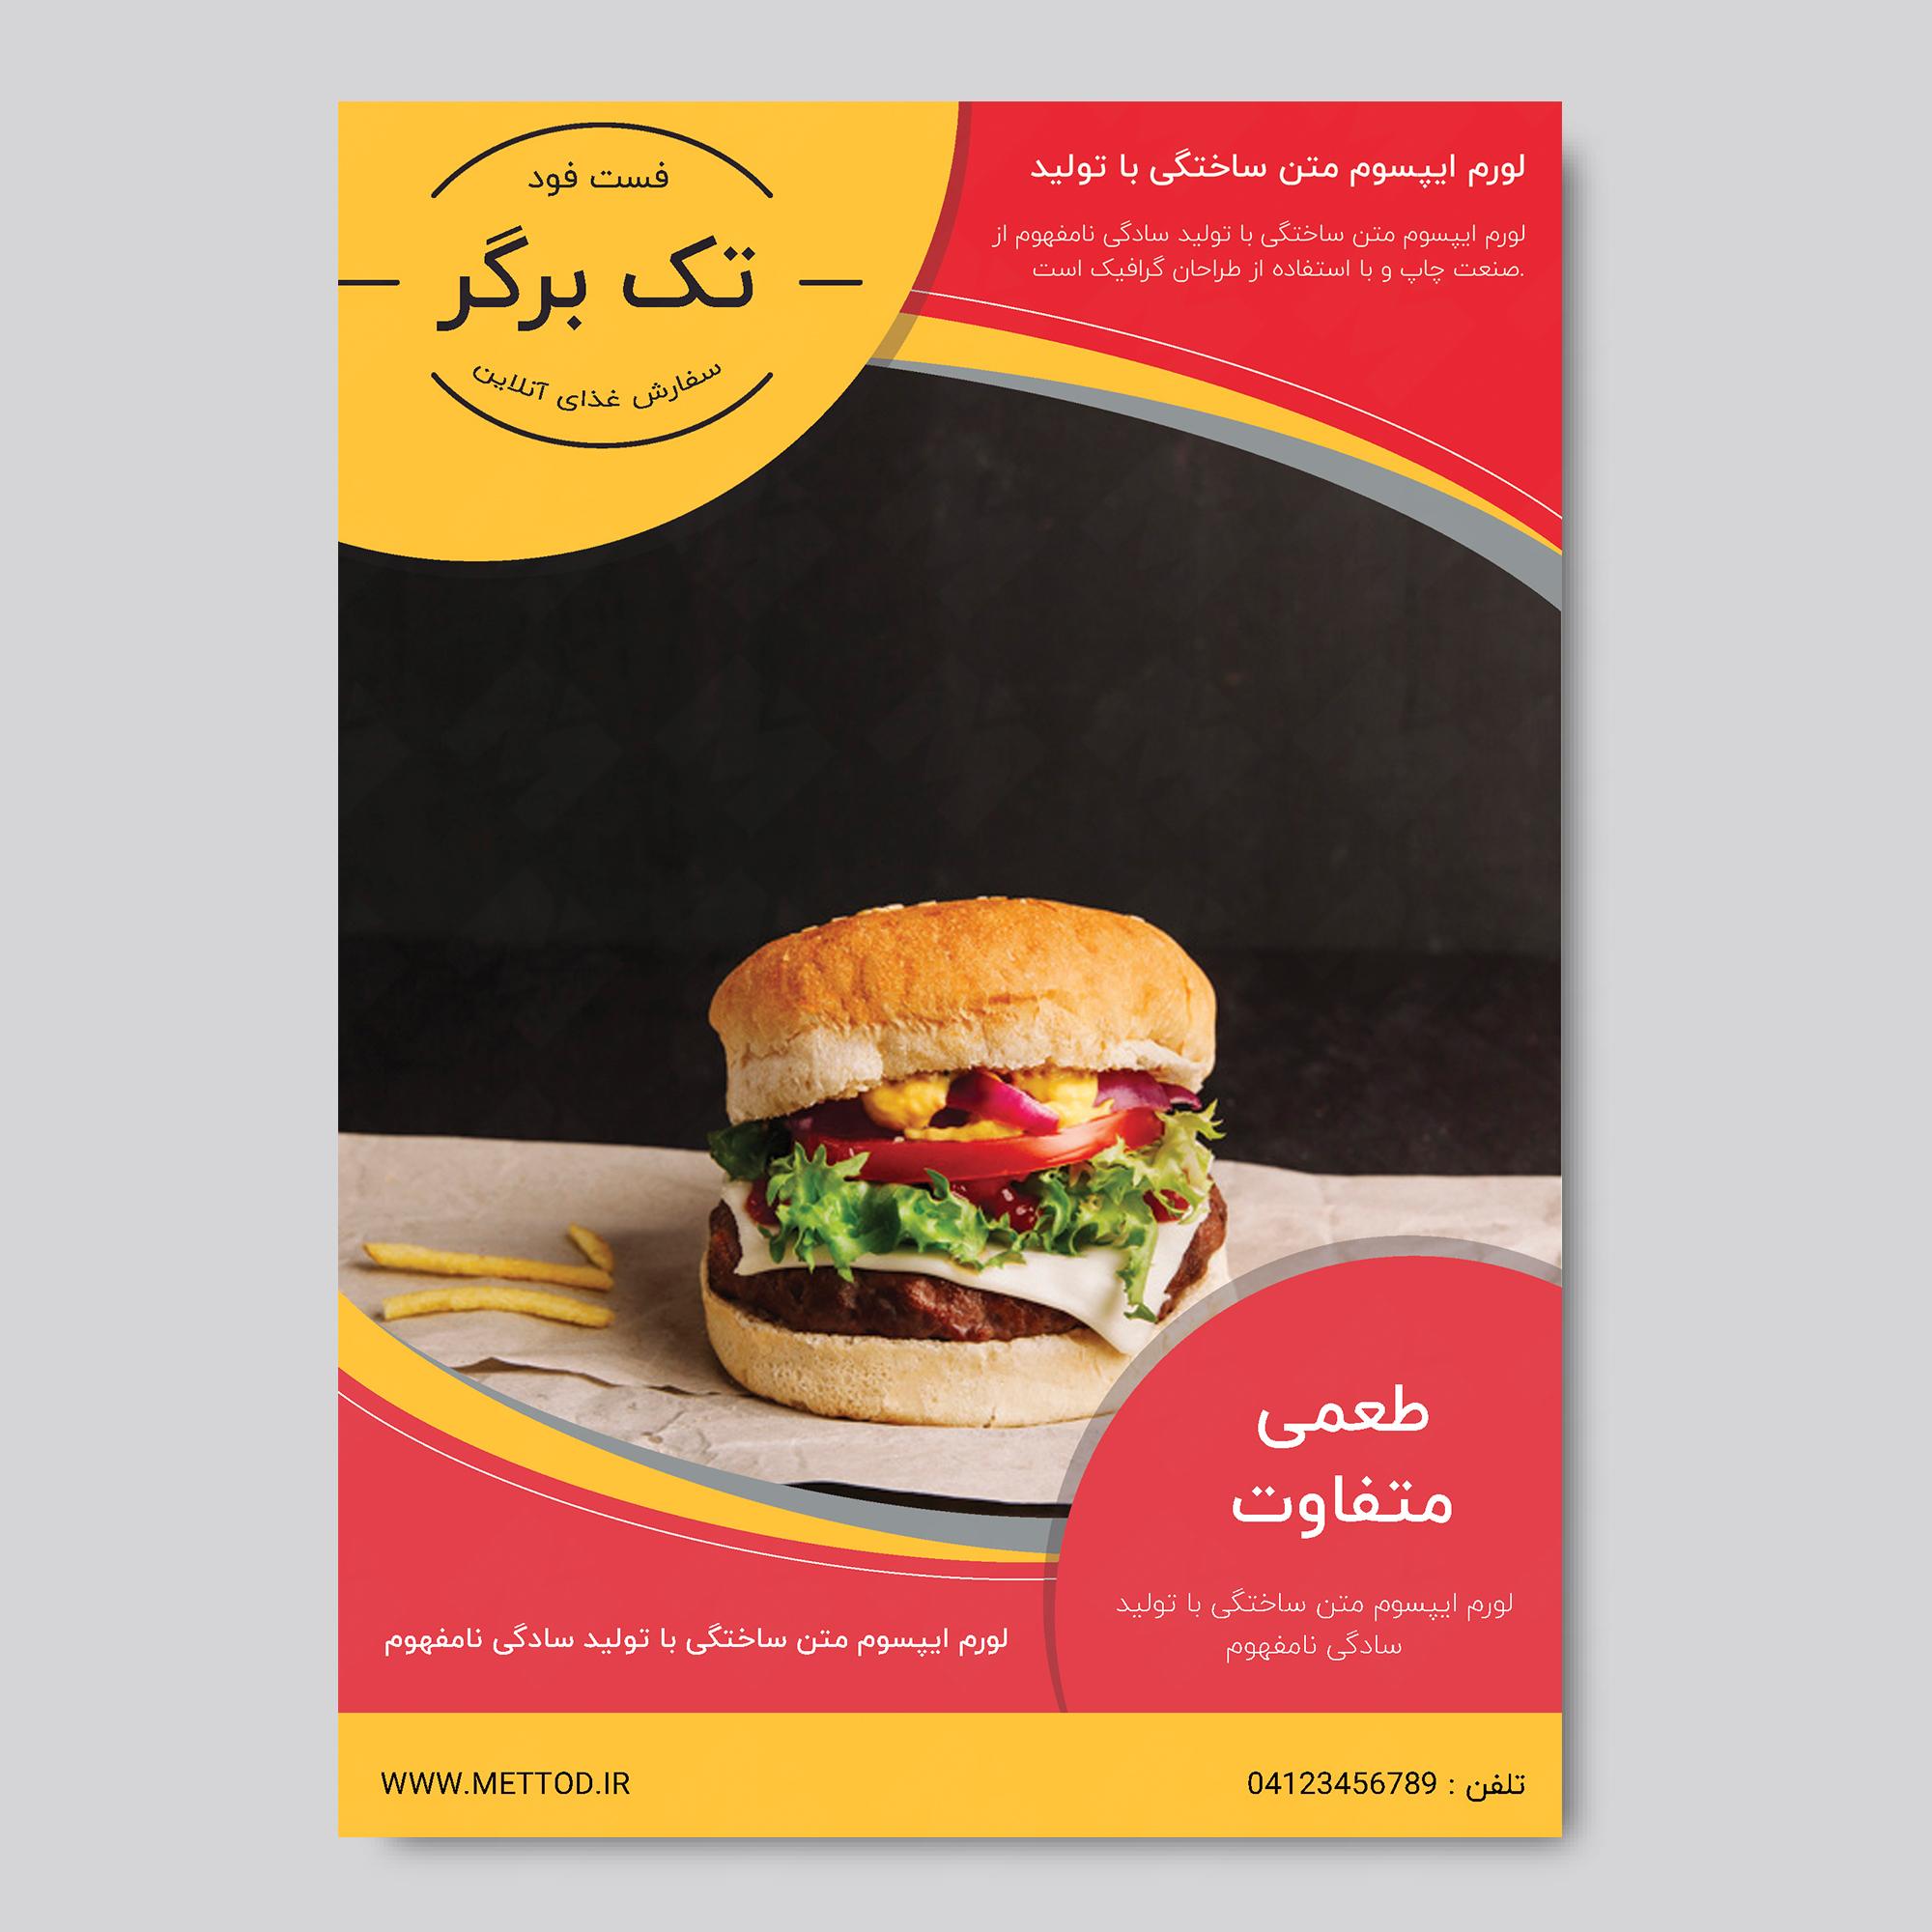 تراکت ساندویچی و همبرگر طرح 6